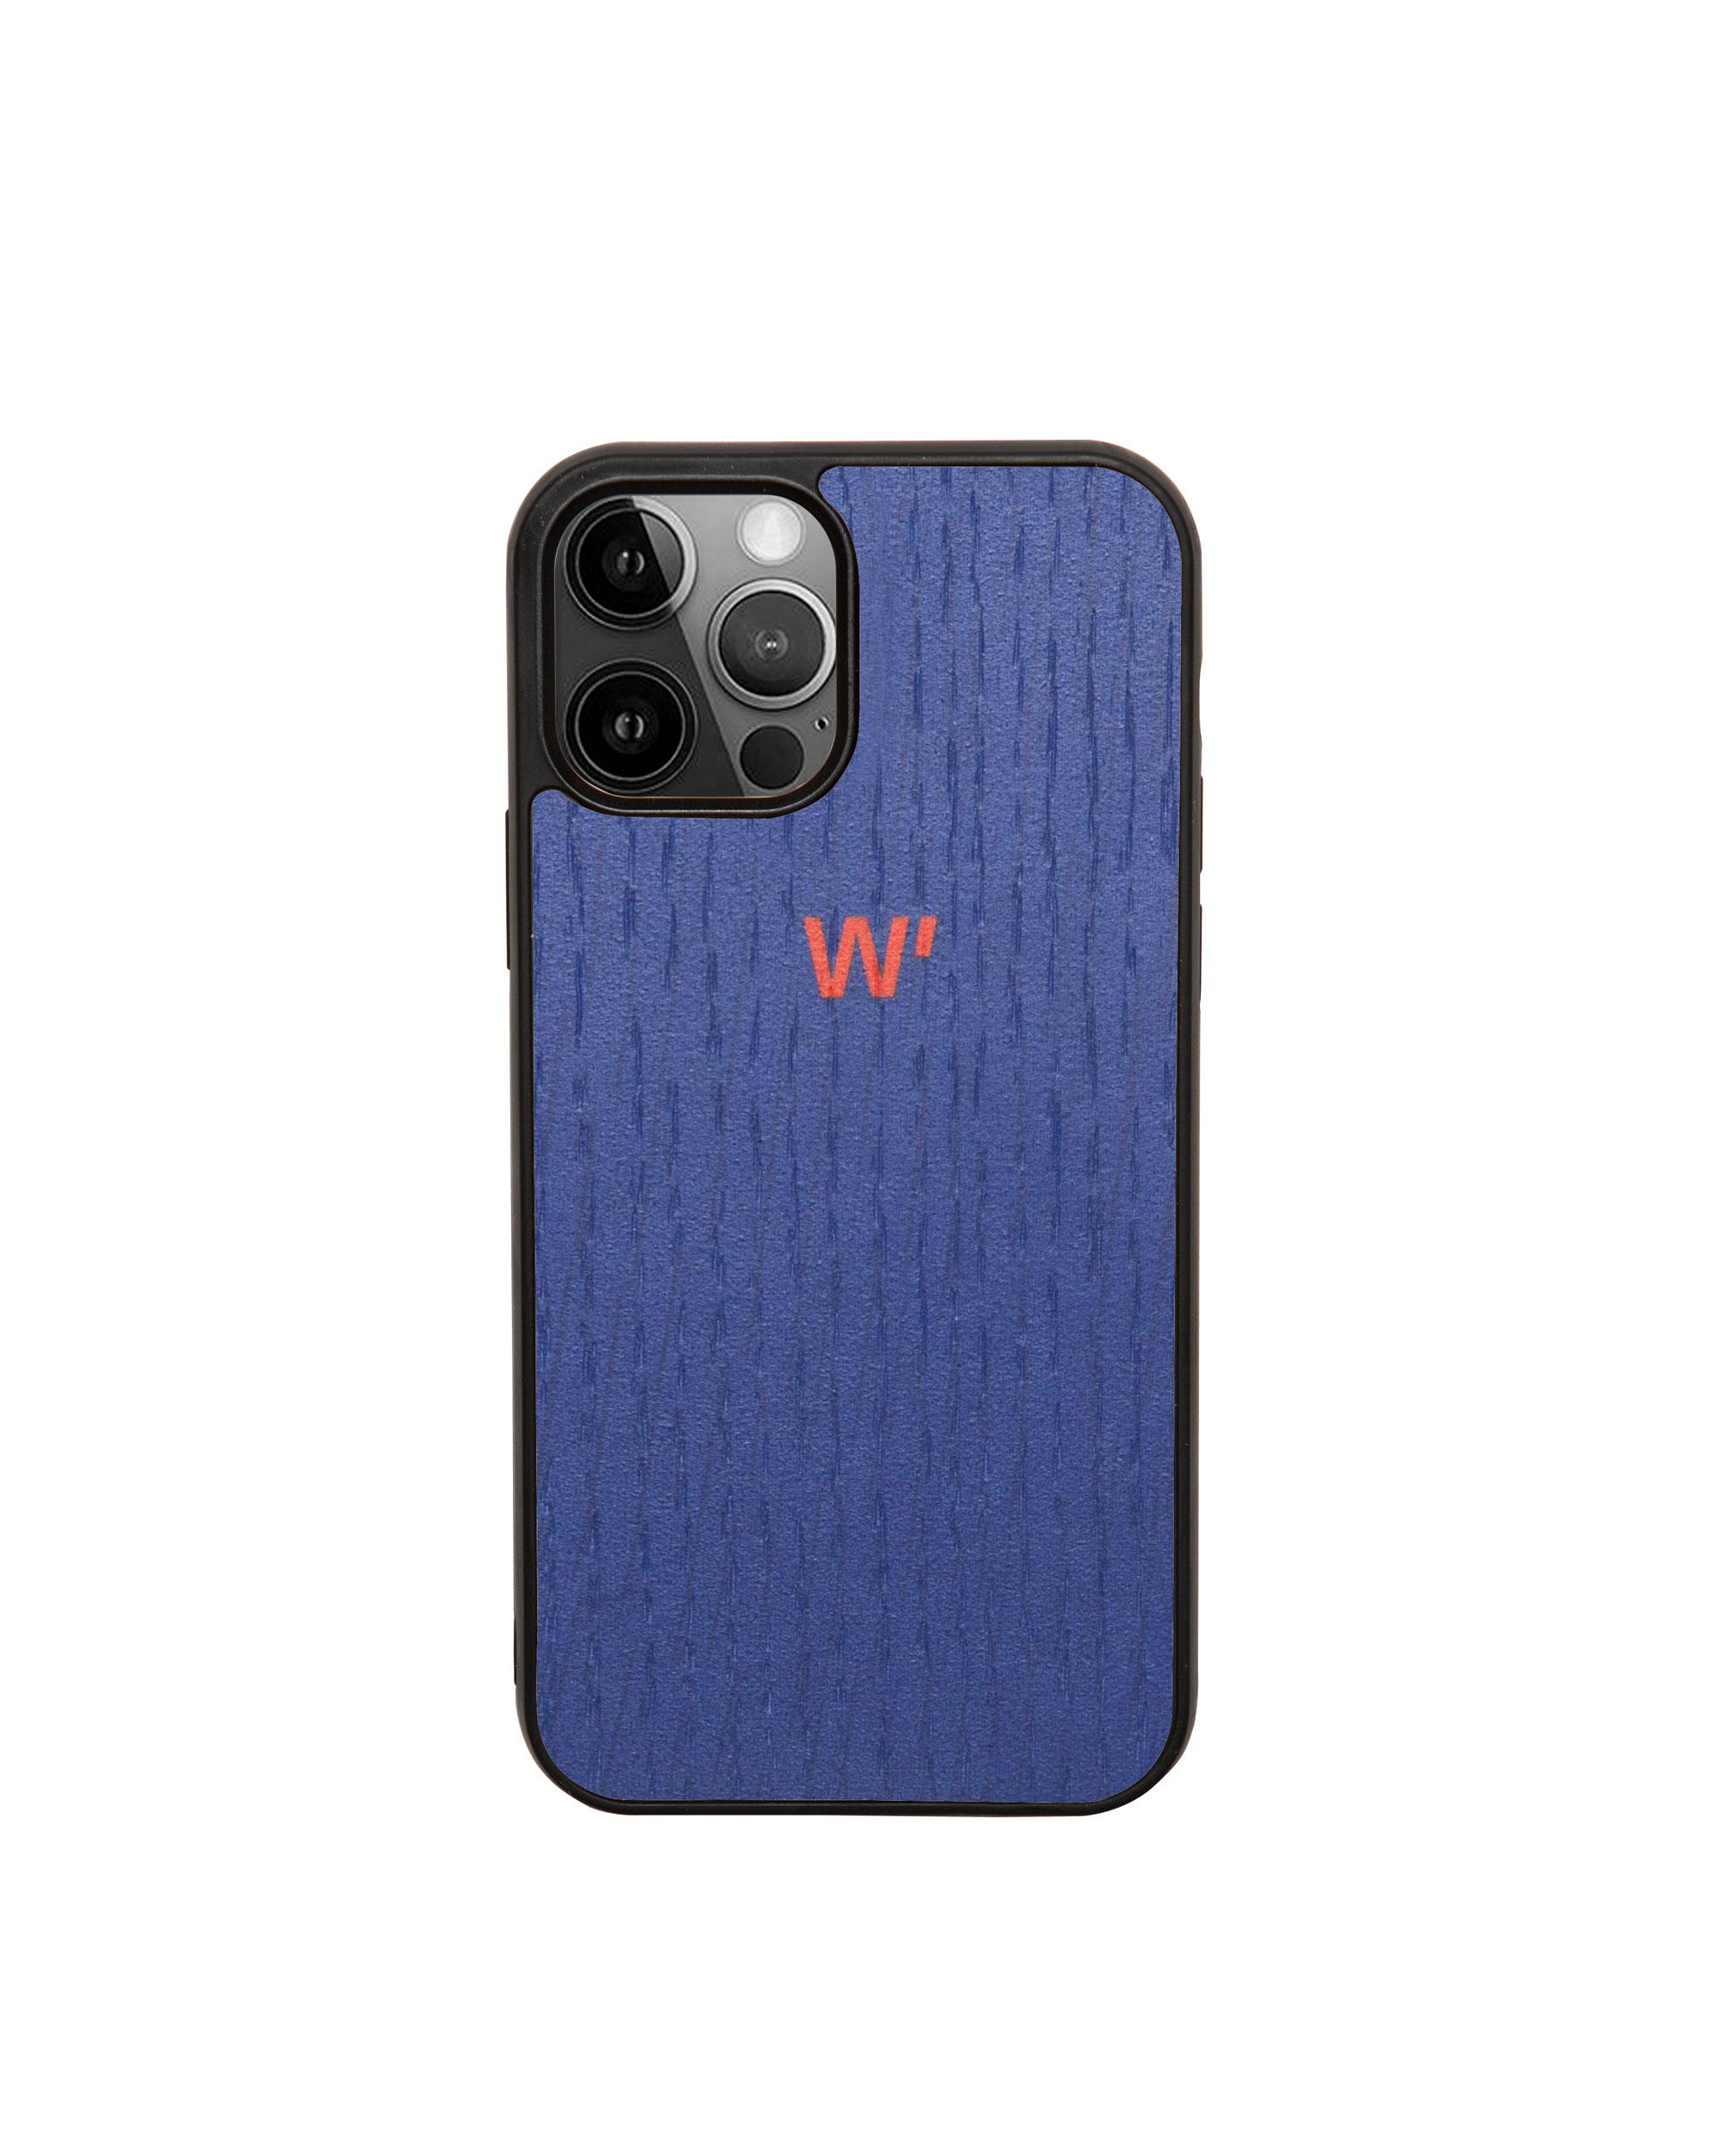 DEEP BLUE - Coque en bois pour iPhone 11 pro (photo)